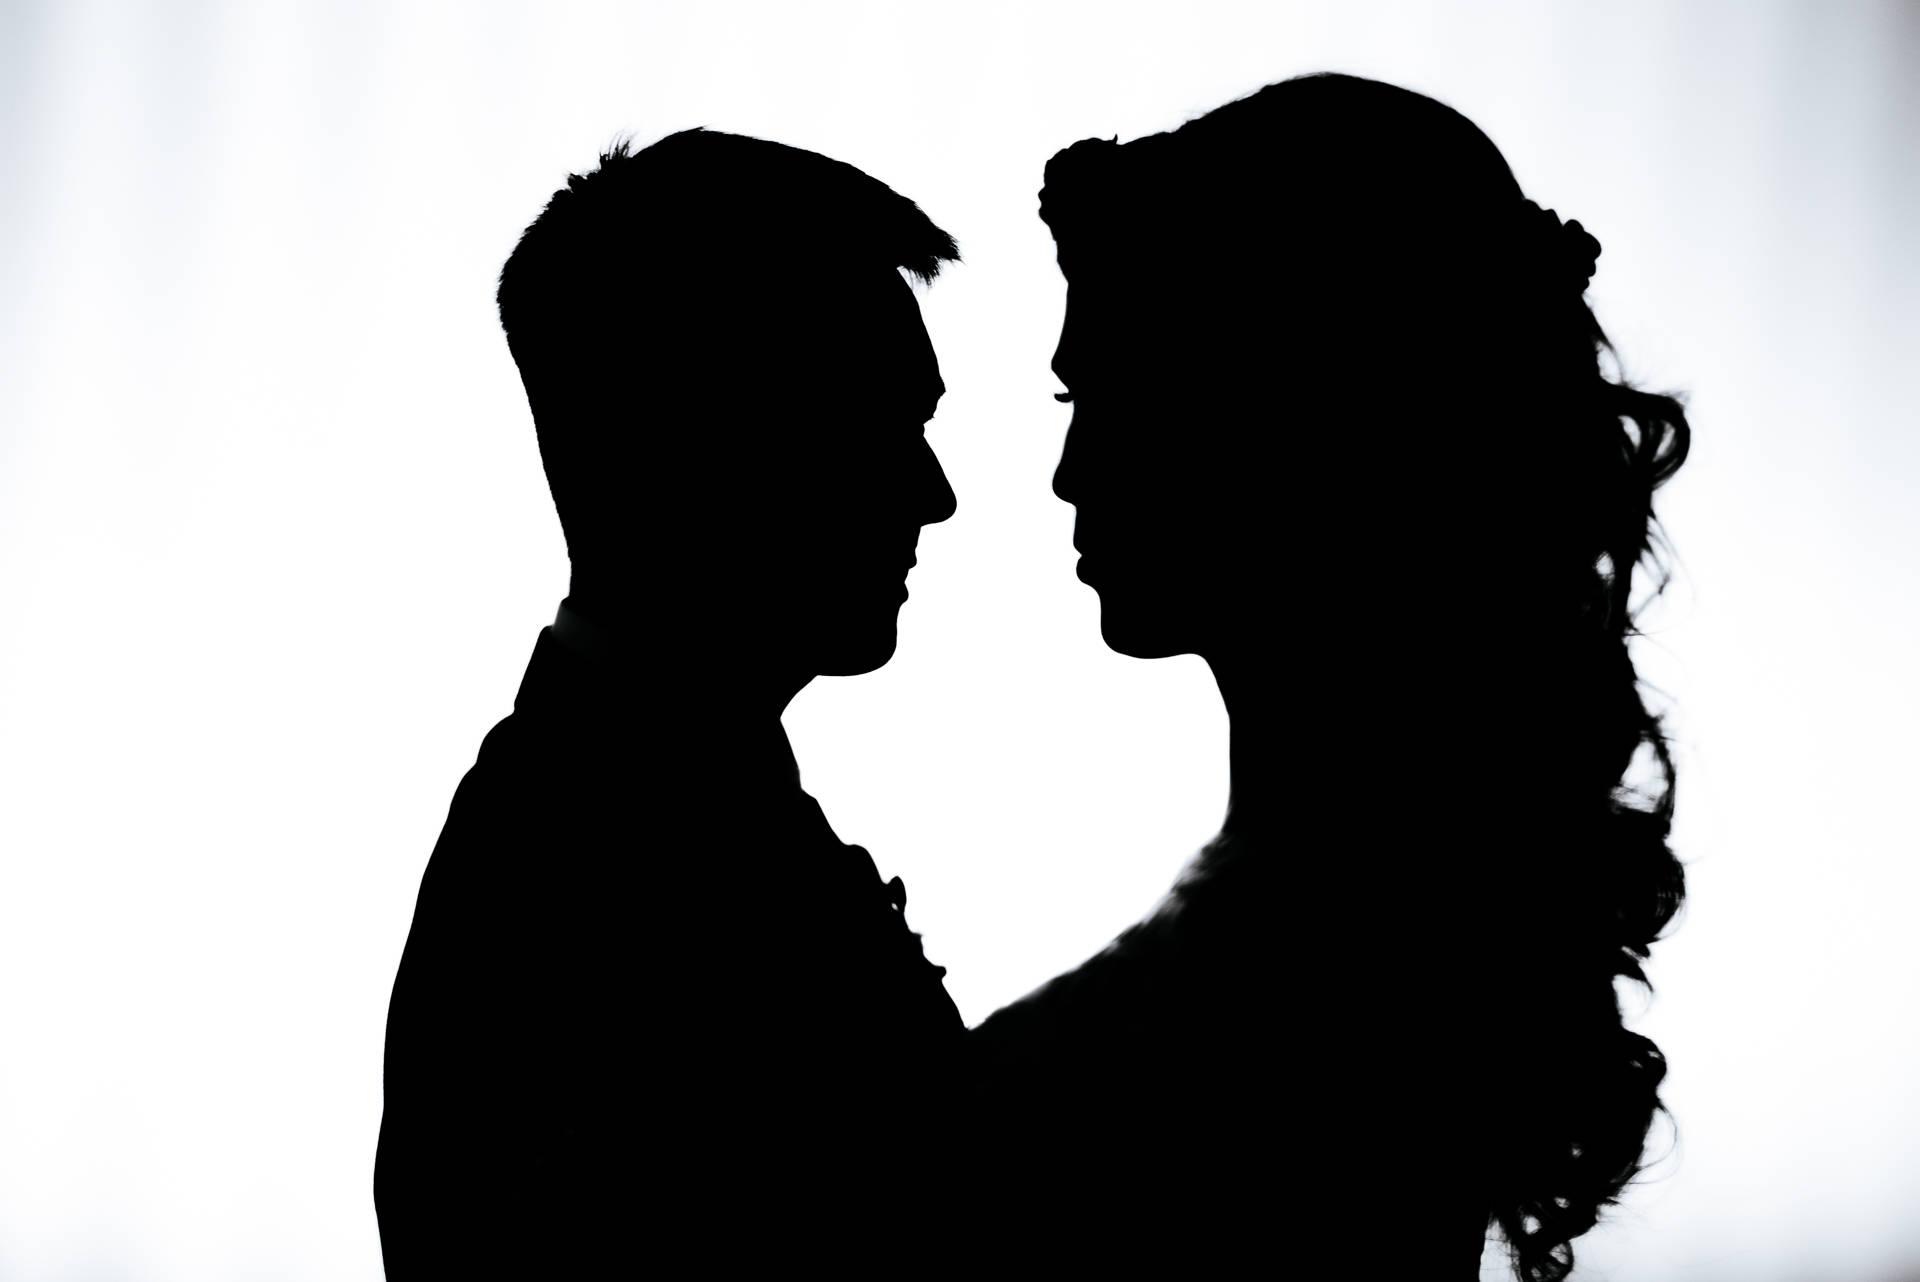 Przygotowania i ślub na styku Chyloni i Cosowej w Gdyni oraz szalona impreza weselna na styku Gdyni i Rumi. Fot. aparatowo.pl